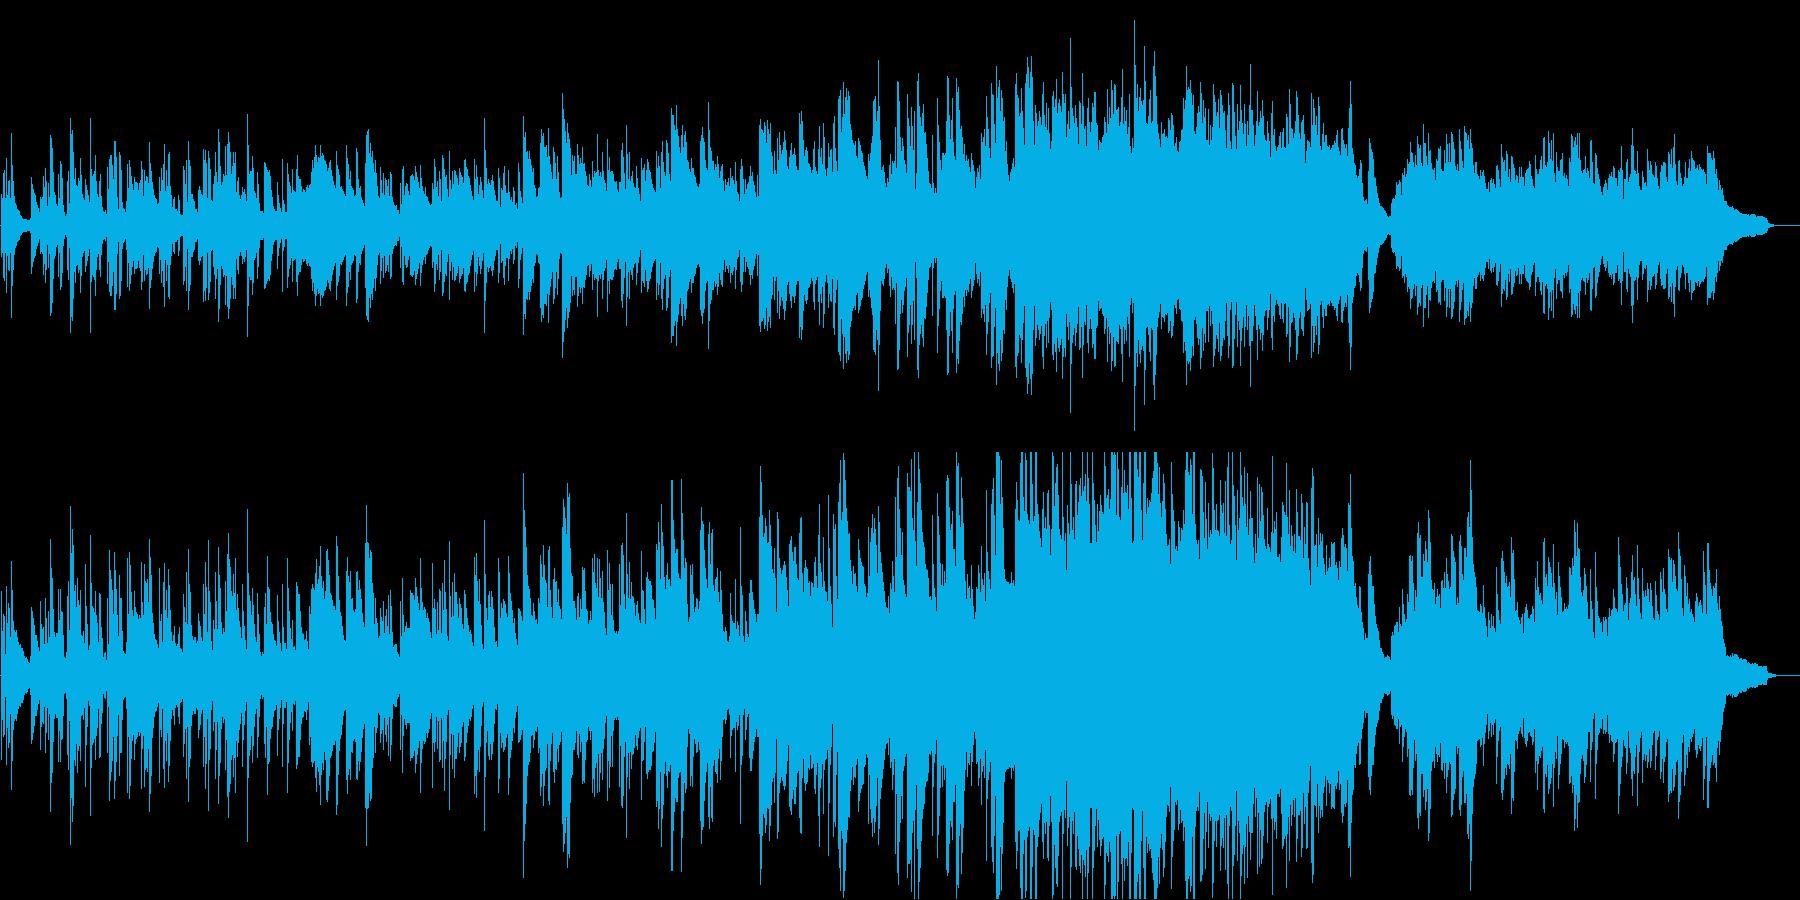 優しさがそっと包み込むようなピアノ曲の再生済みの波形